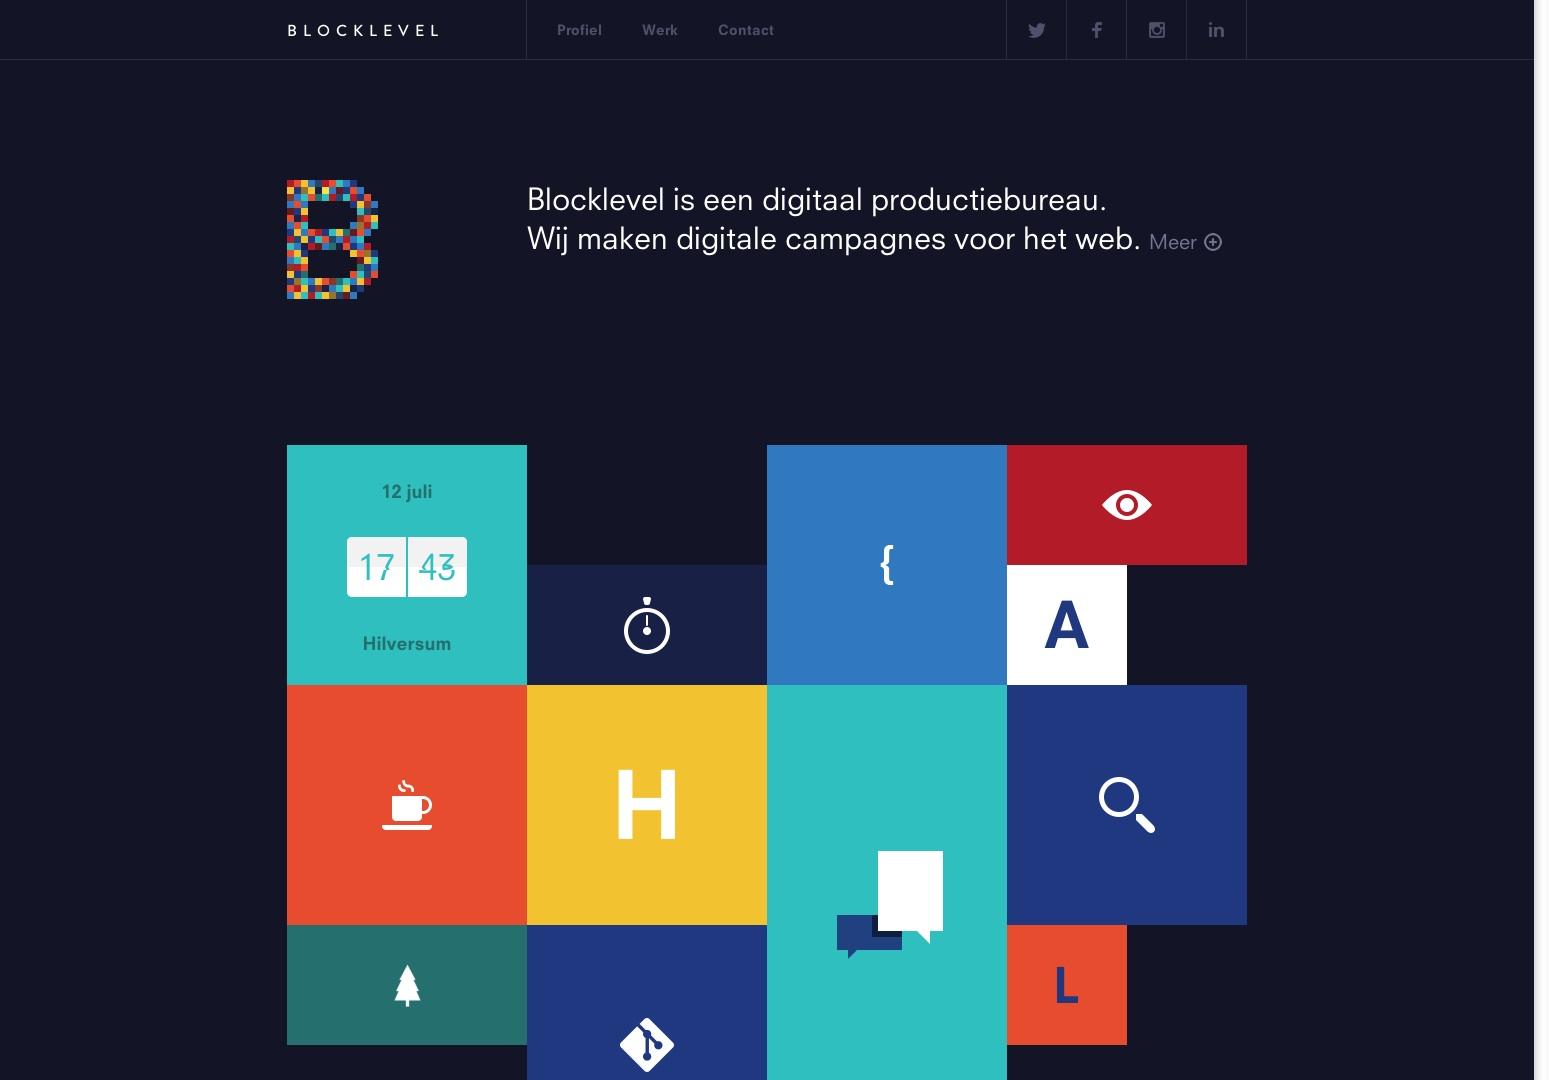 Blocklevel | Digitaal Productiebureau. Vytvořte si digitální kampaně pro web.